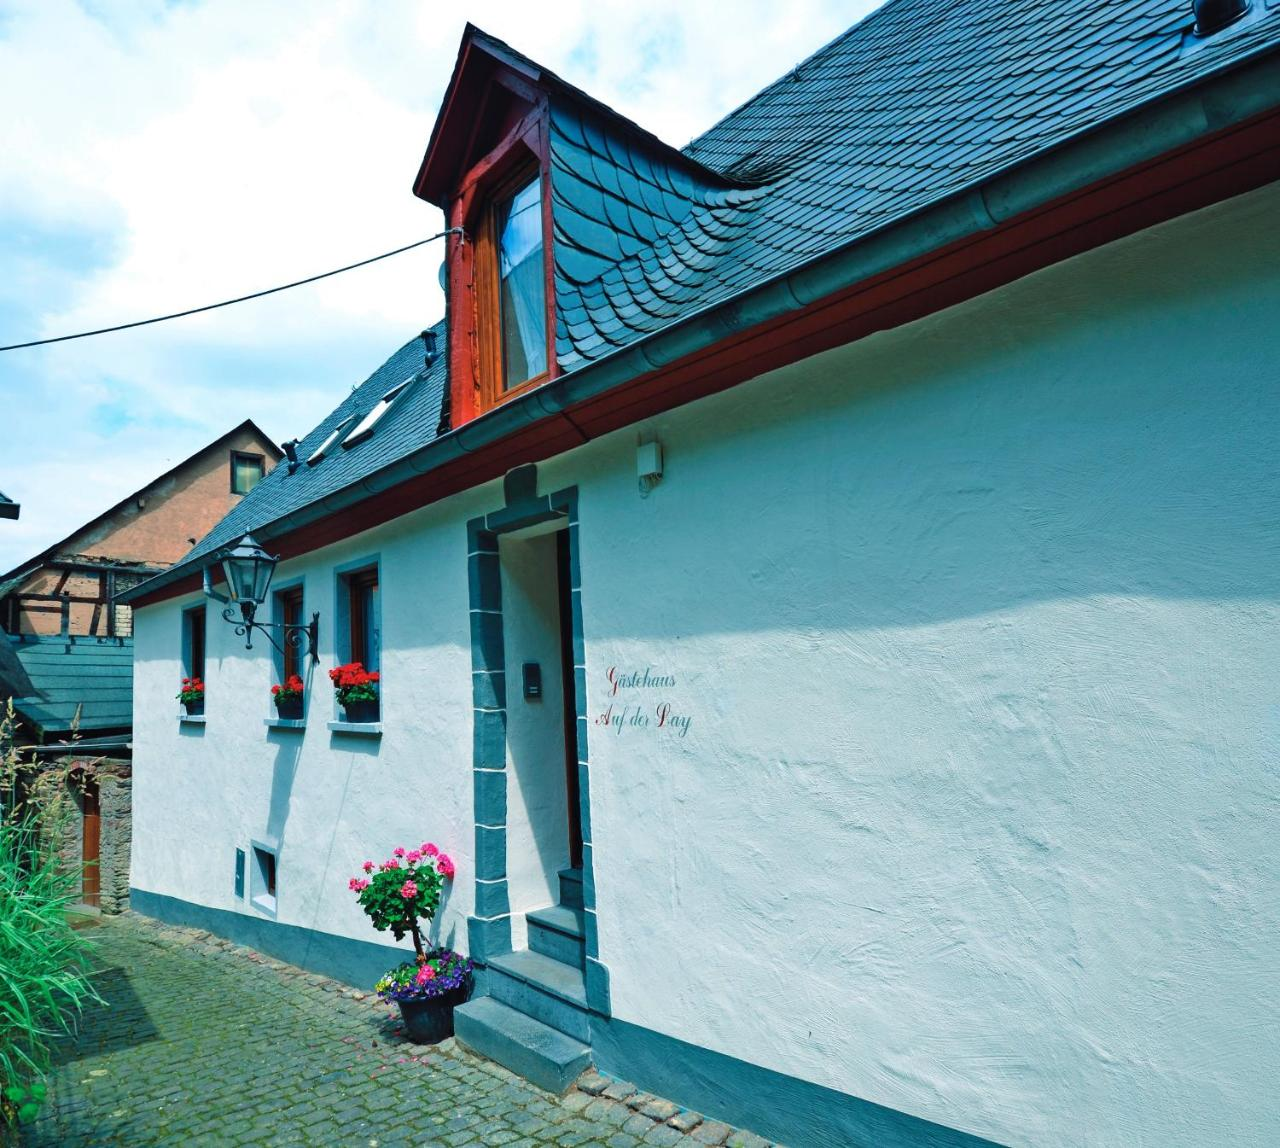 Hotel Gastehaus auf der Lay Beilstein Moezel